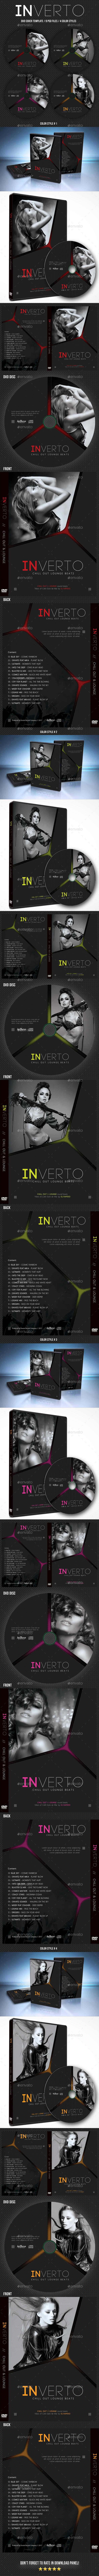 Inverto Music DVD Cover V2 - CD & DVD Artwork Print Templates